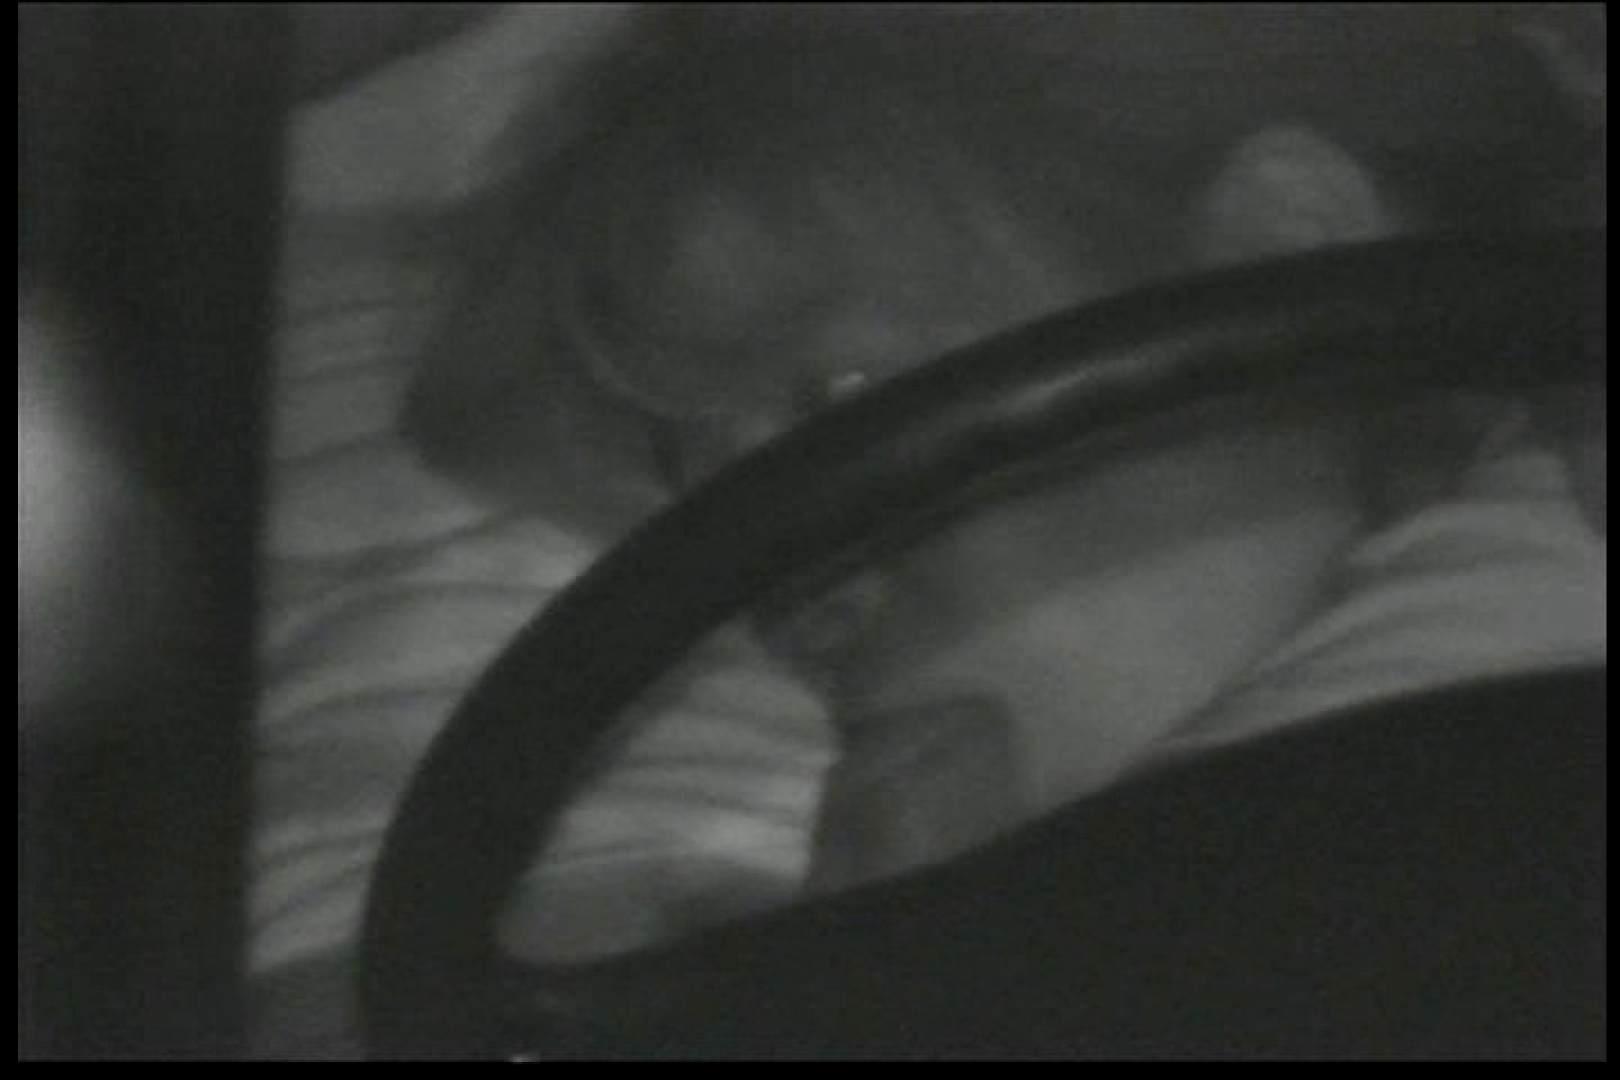 車の中はラブホテル 無修正版  Vol.12 OLの実態 盗撮ワレメ無修正動画無料 35pic 18